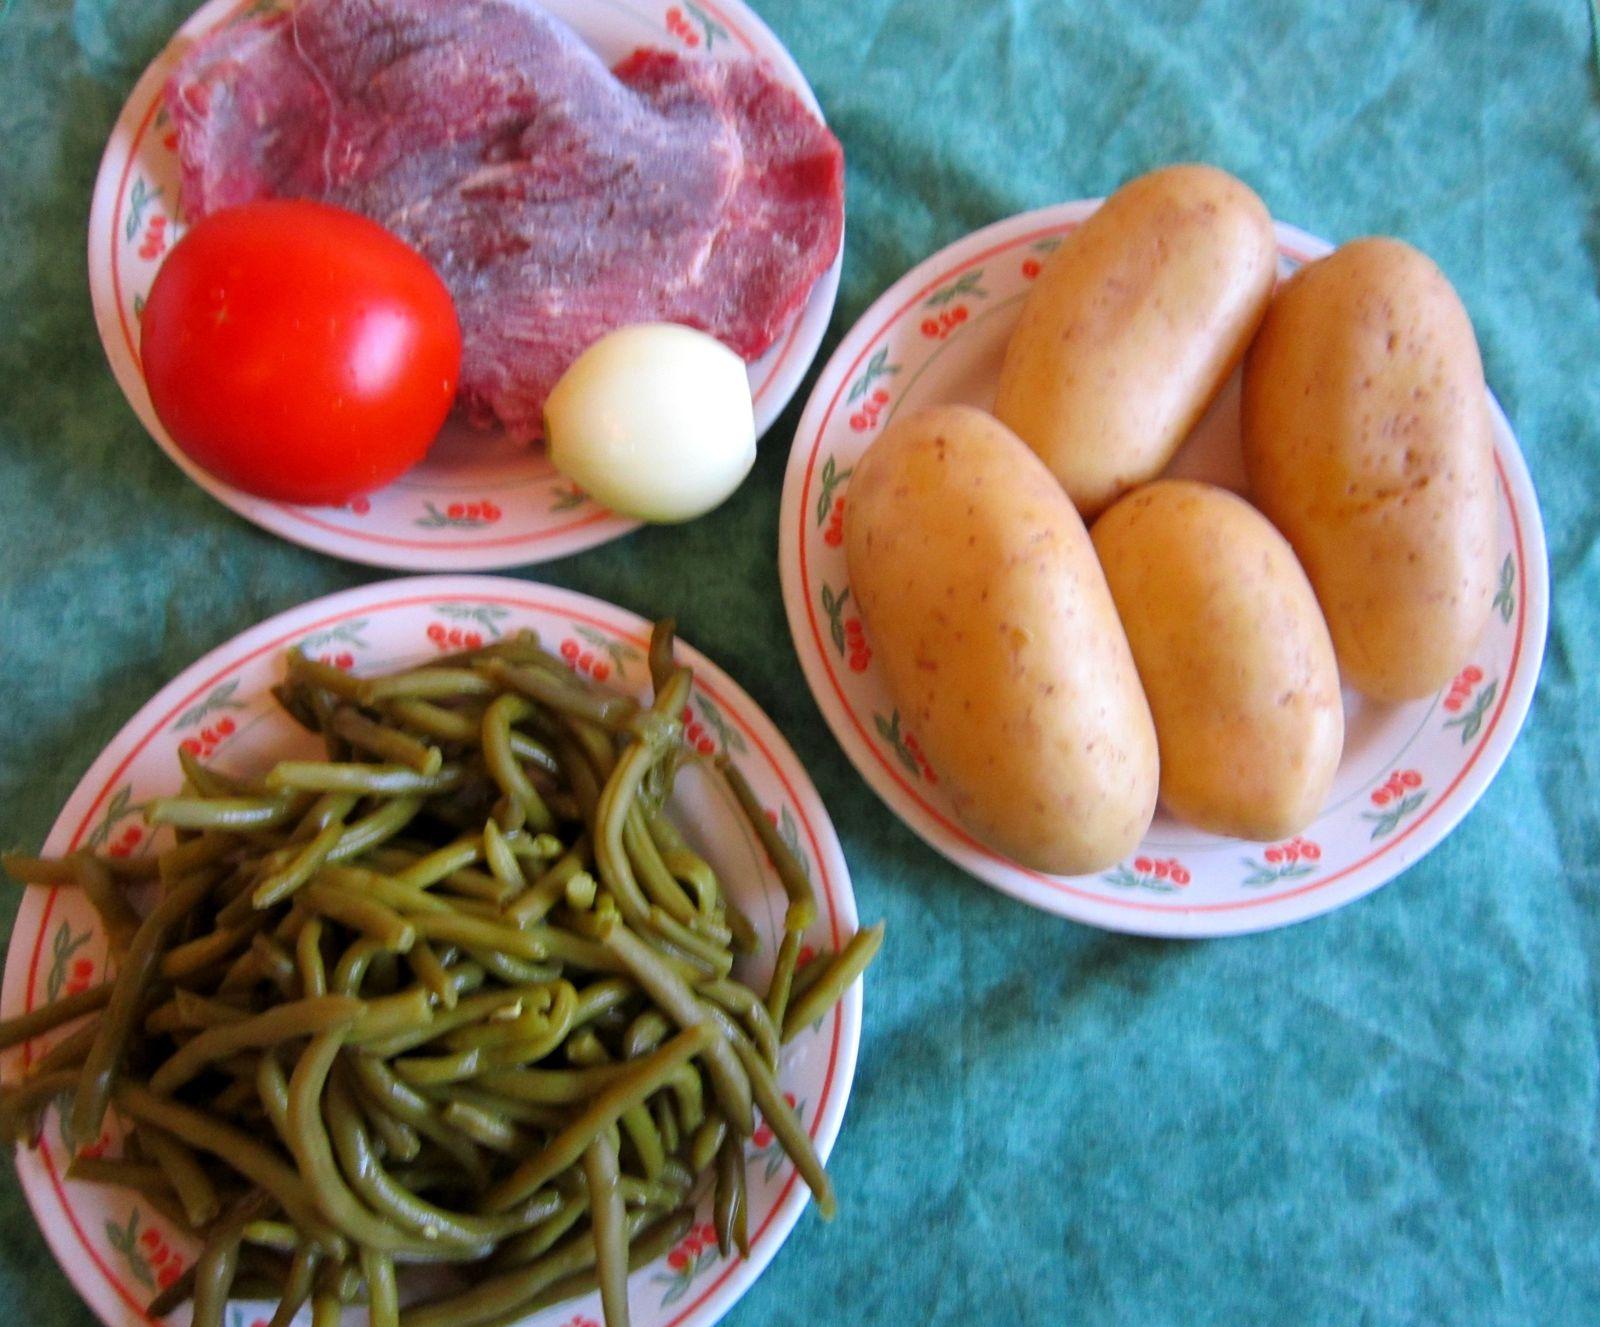 Ragout de pomme de terre aux haricots verts